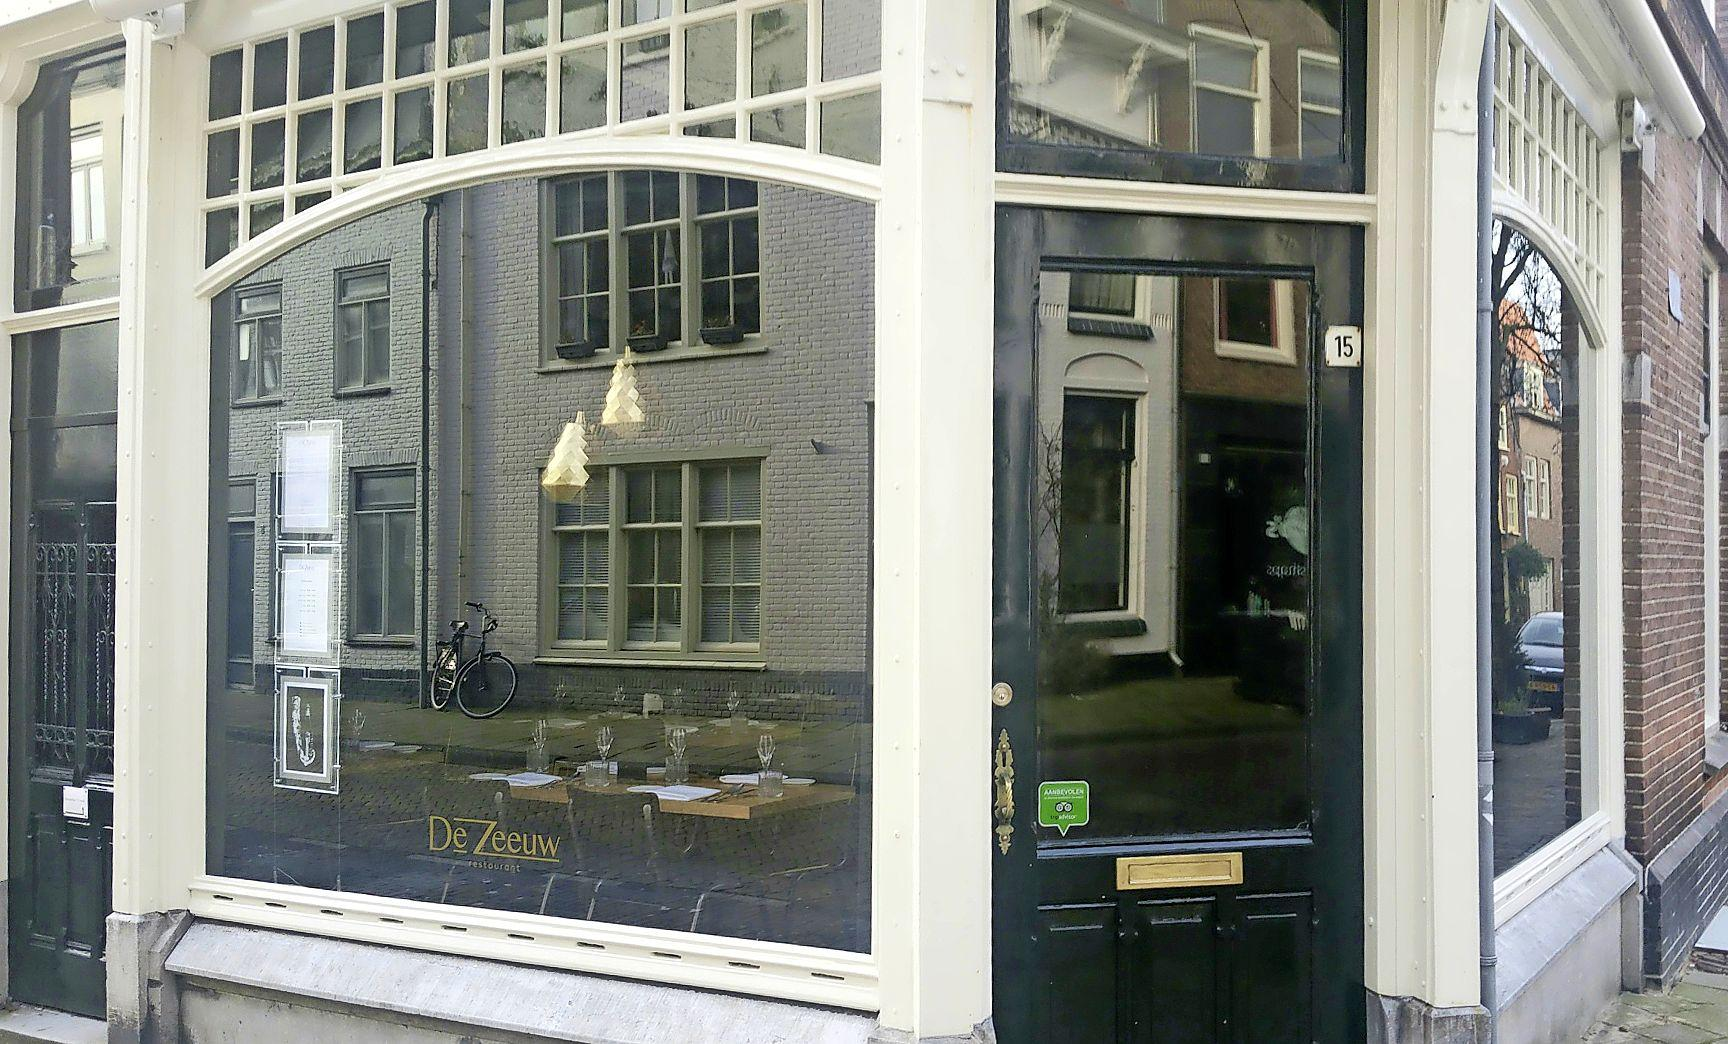 Viergangen van De Zeeuw: Klein culinair feestje maar met verbeterpunten | recensie